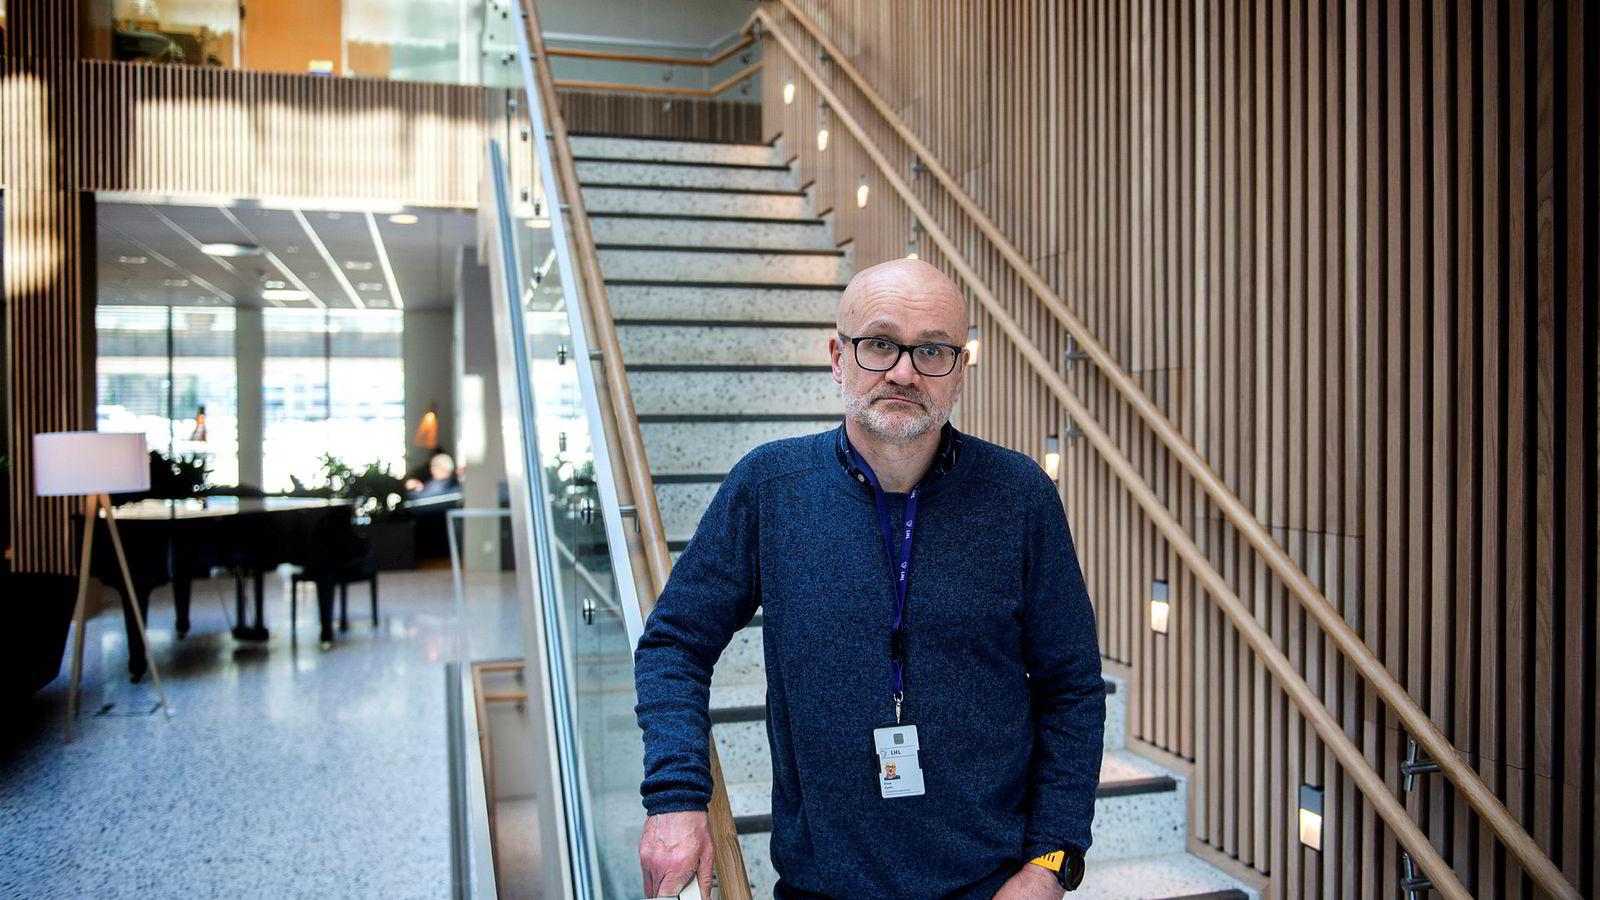 Hovedverneombud Einar Cyvin skriver i en mail til ansatte at Landsforeningen for hjerte- og lungesyke (LHL) er i en krise som er «større enn noen gang». Her er han fotografert på LHL-sykehuset.